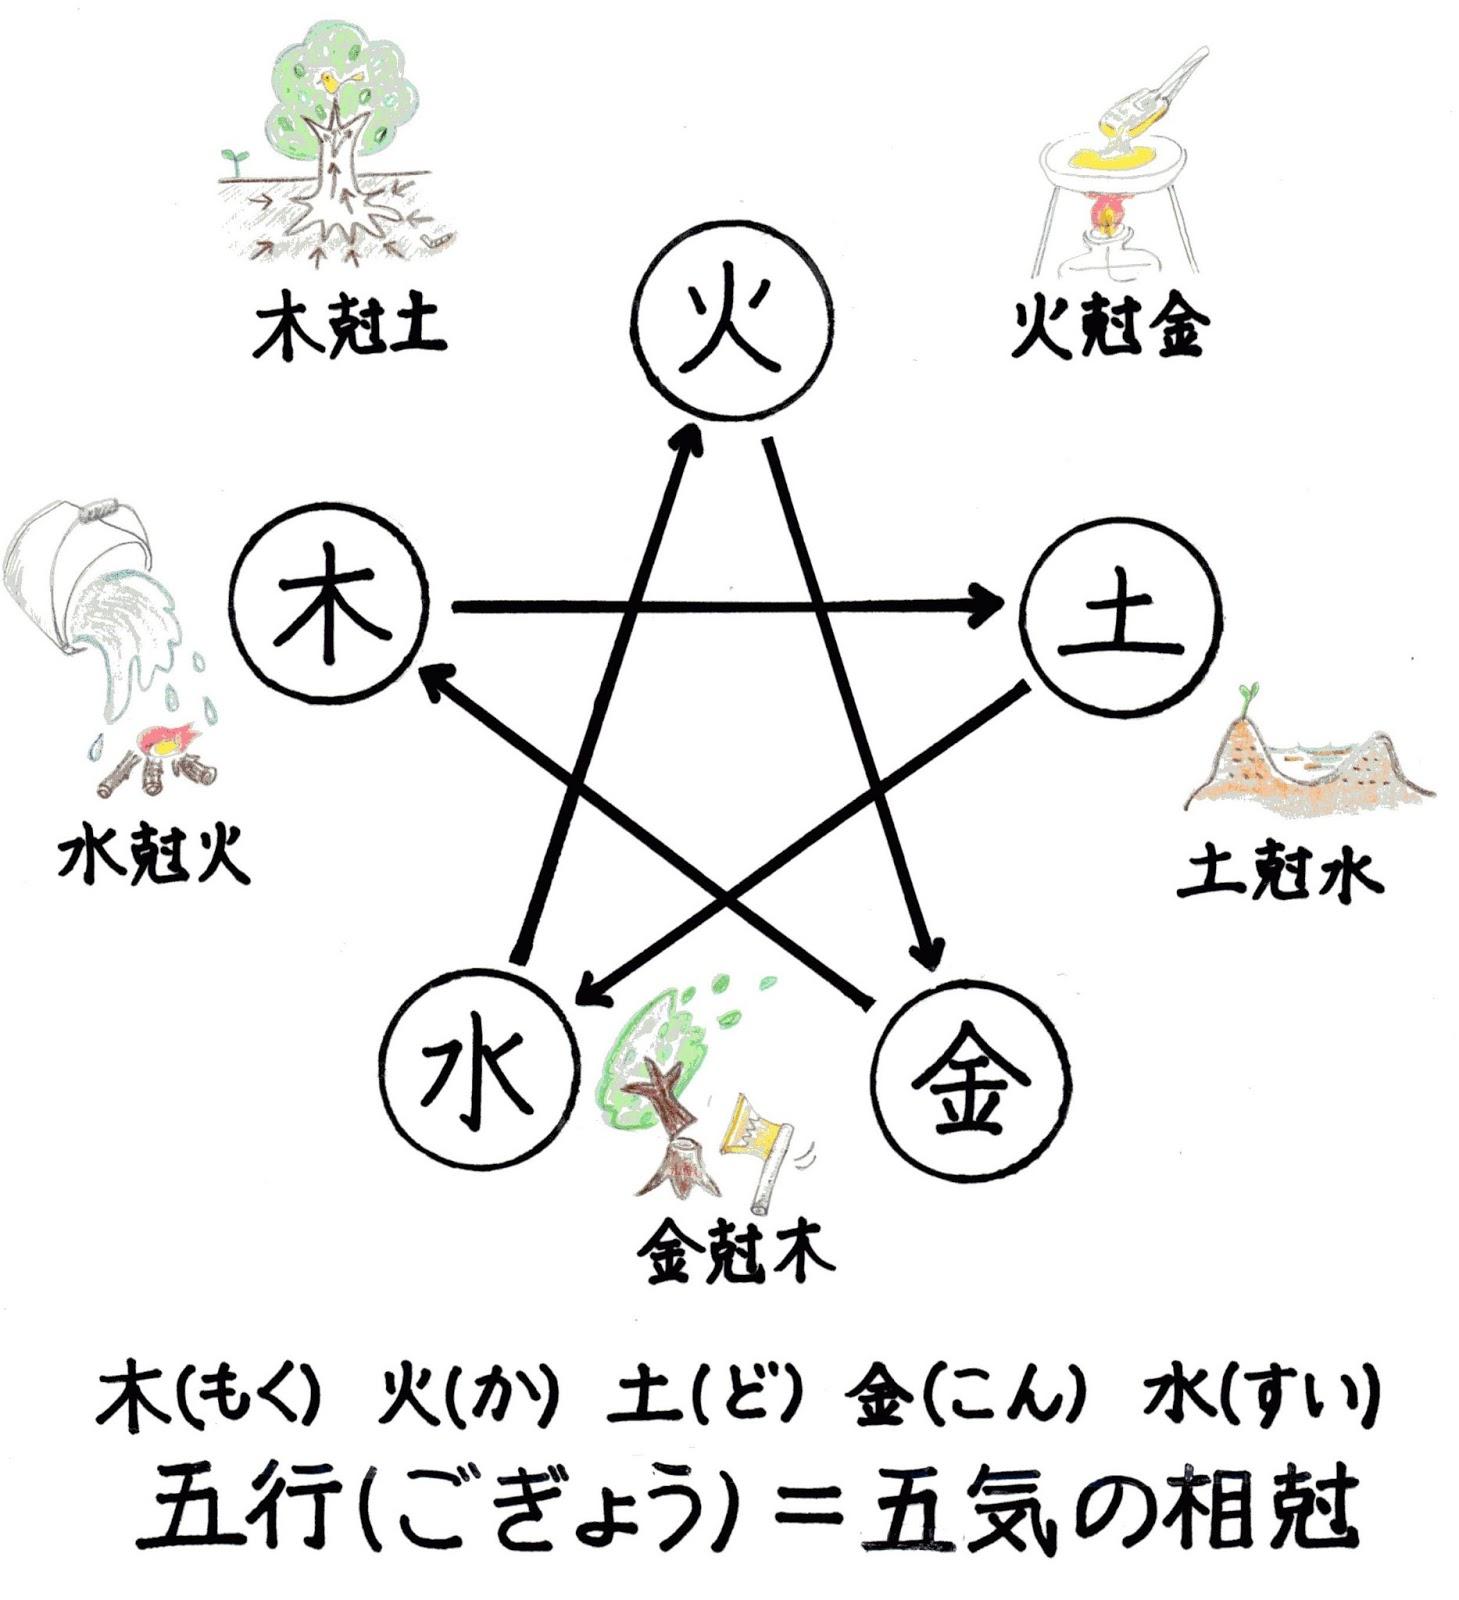 五行,陰陽五行説,五気,相剋,木火土金水